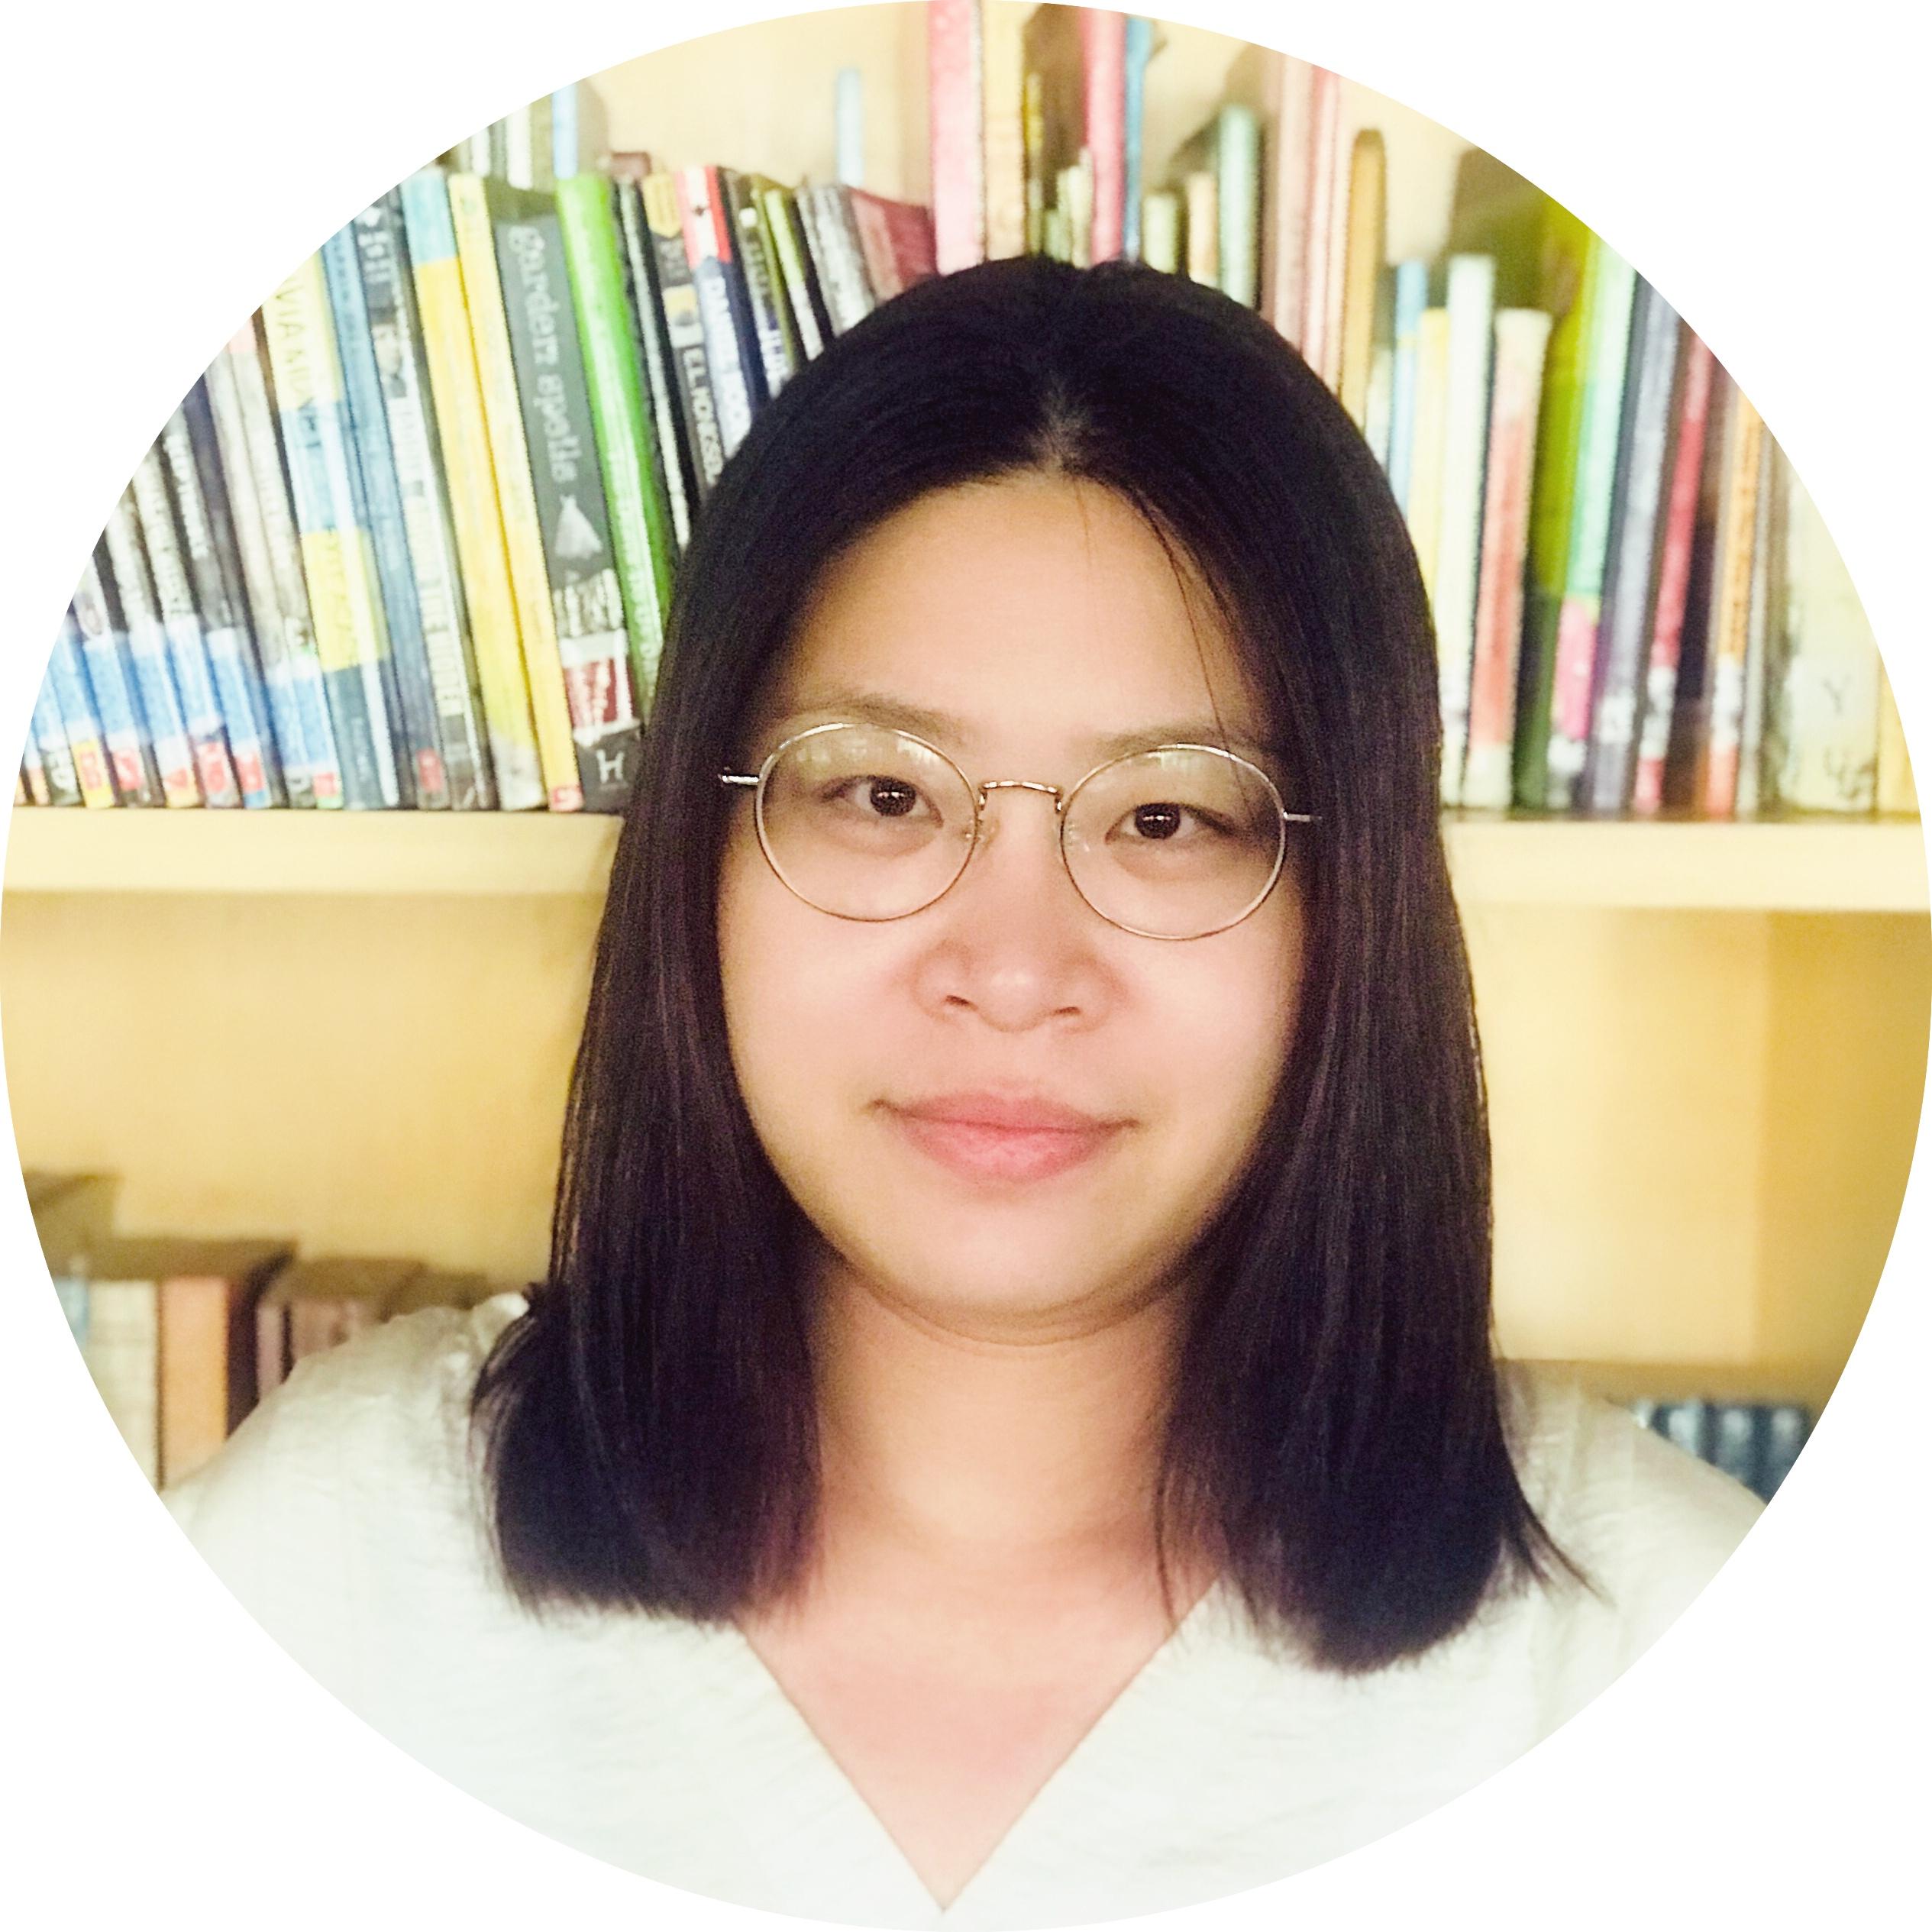 Naya Wang